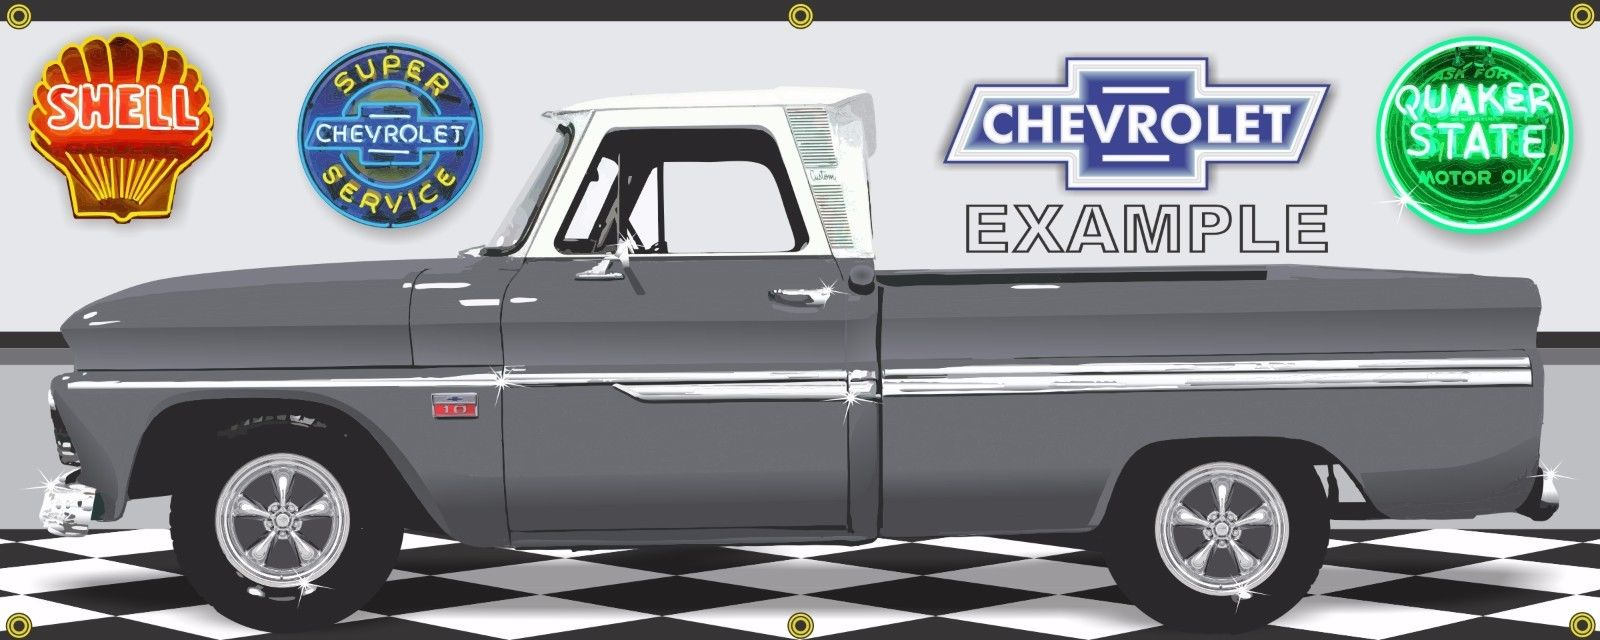 1966 CHEVY CHEVY C10 TRUCK NEBULA GREY CUSTOM GARAGE SCENE BANNER ART MURAL 2X5